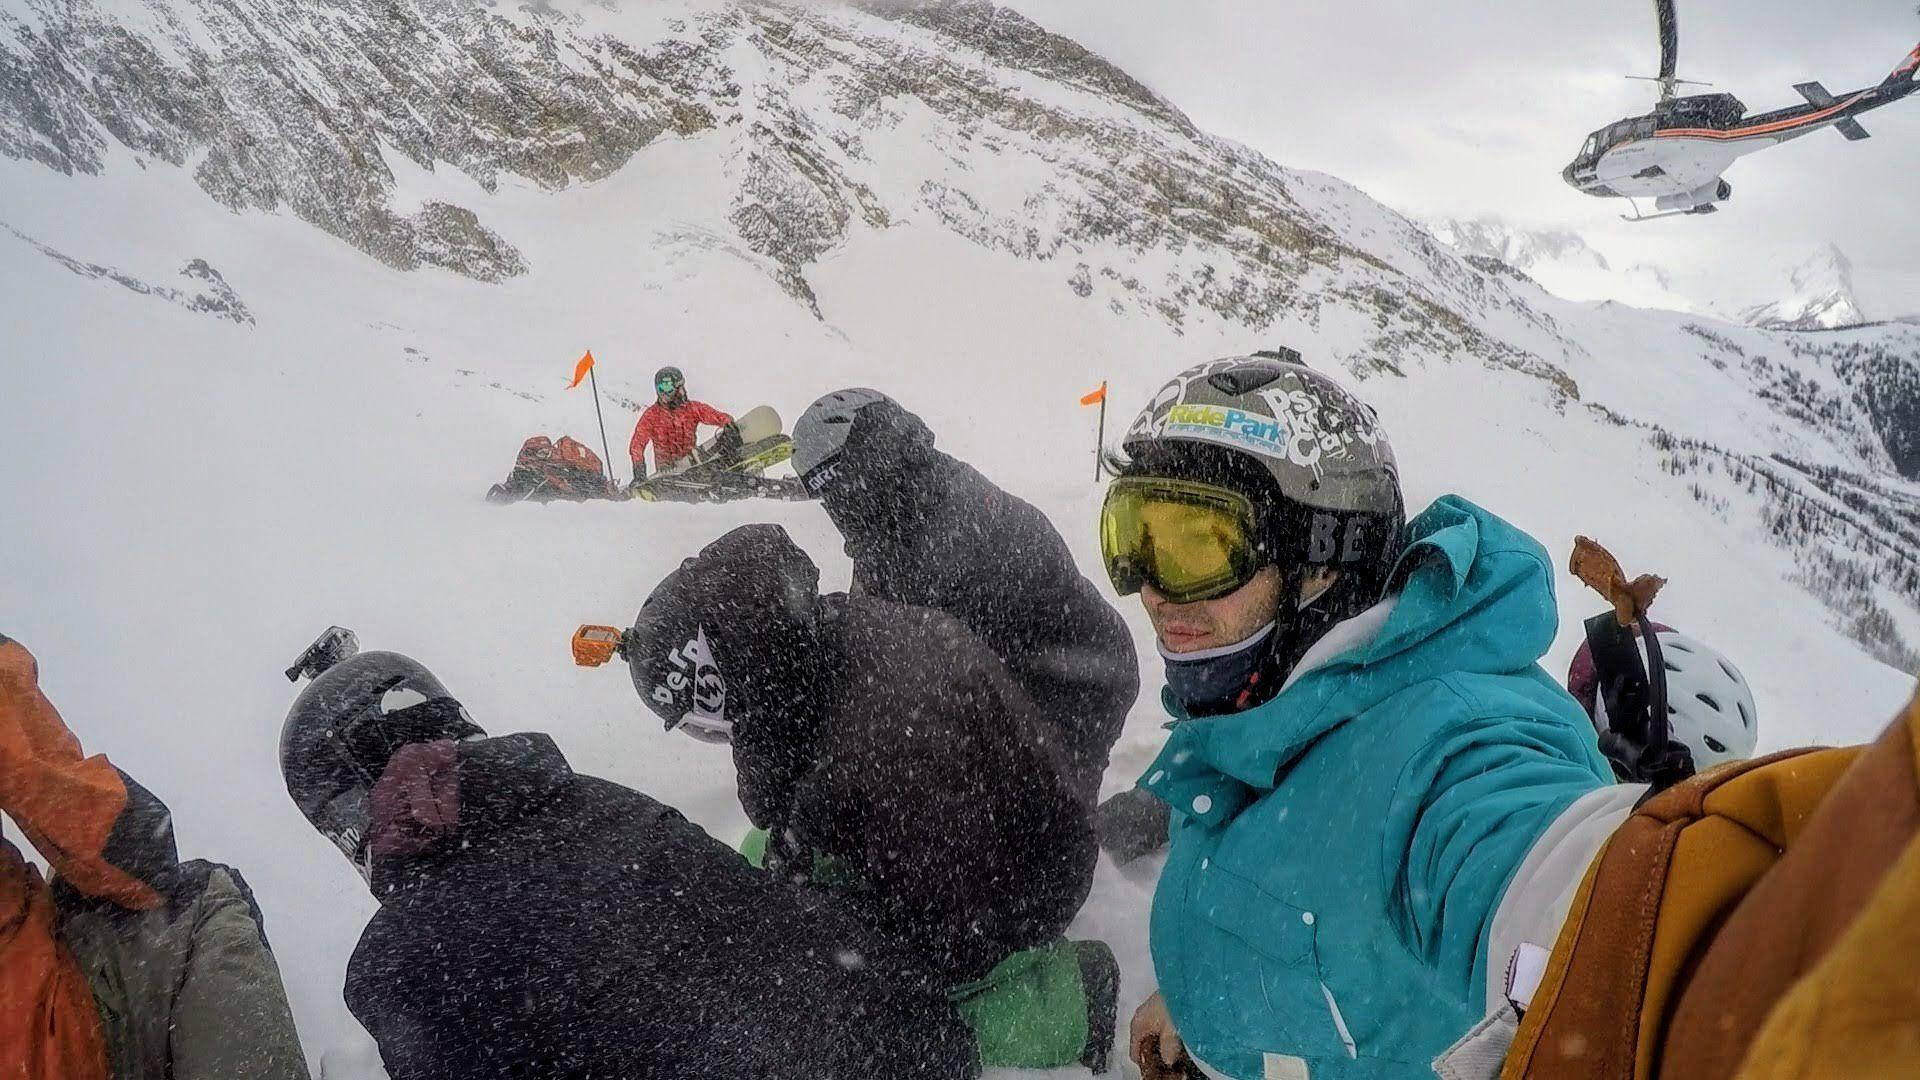 Heliski : l'hélicoptère vient de déposer les skieurs au sommet de la descente !